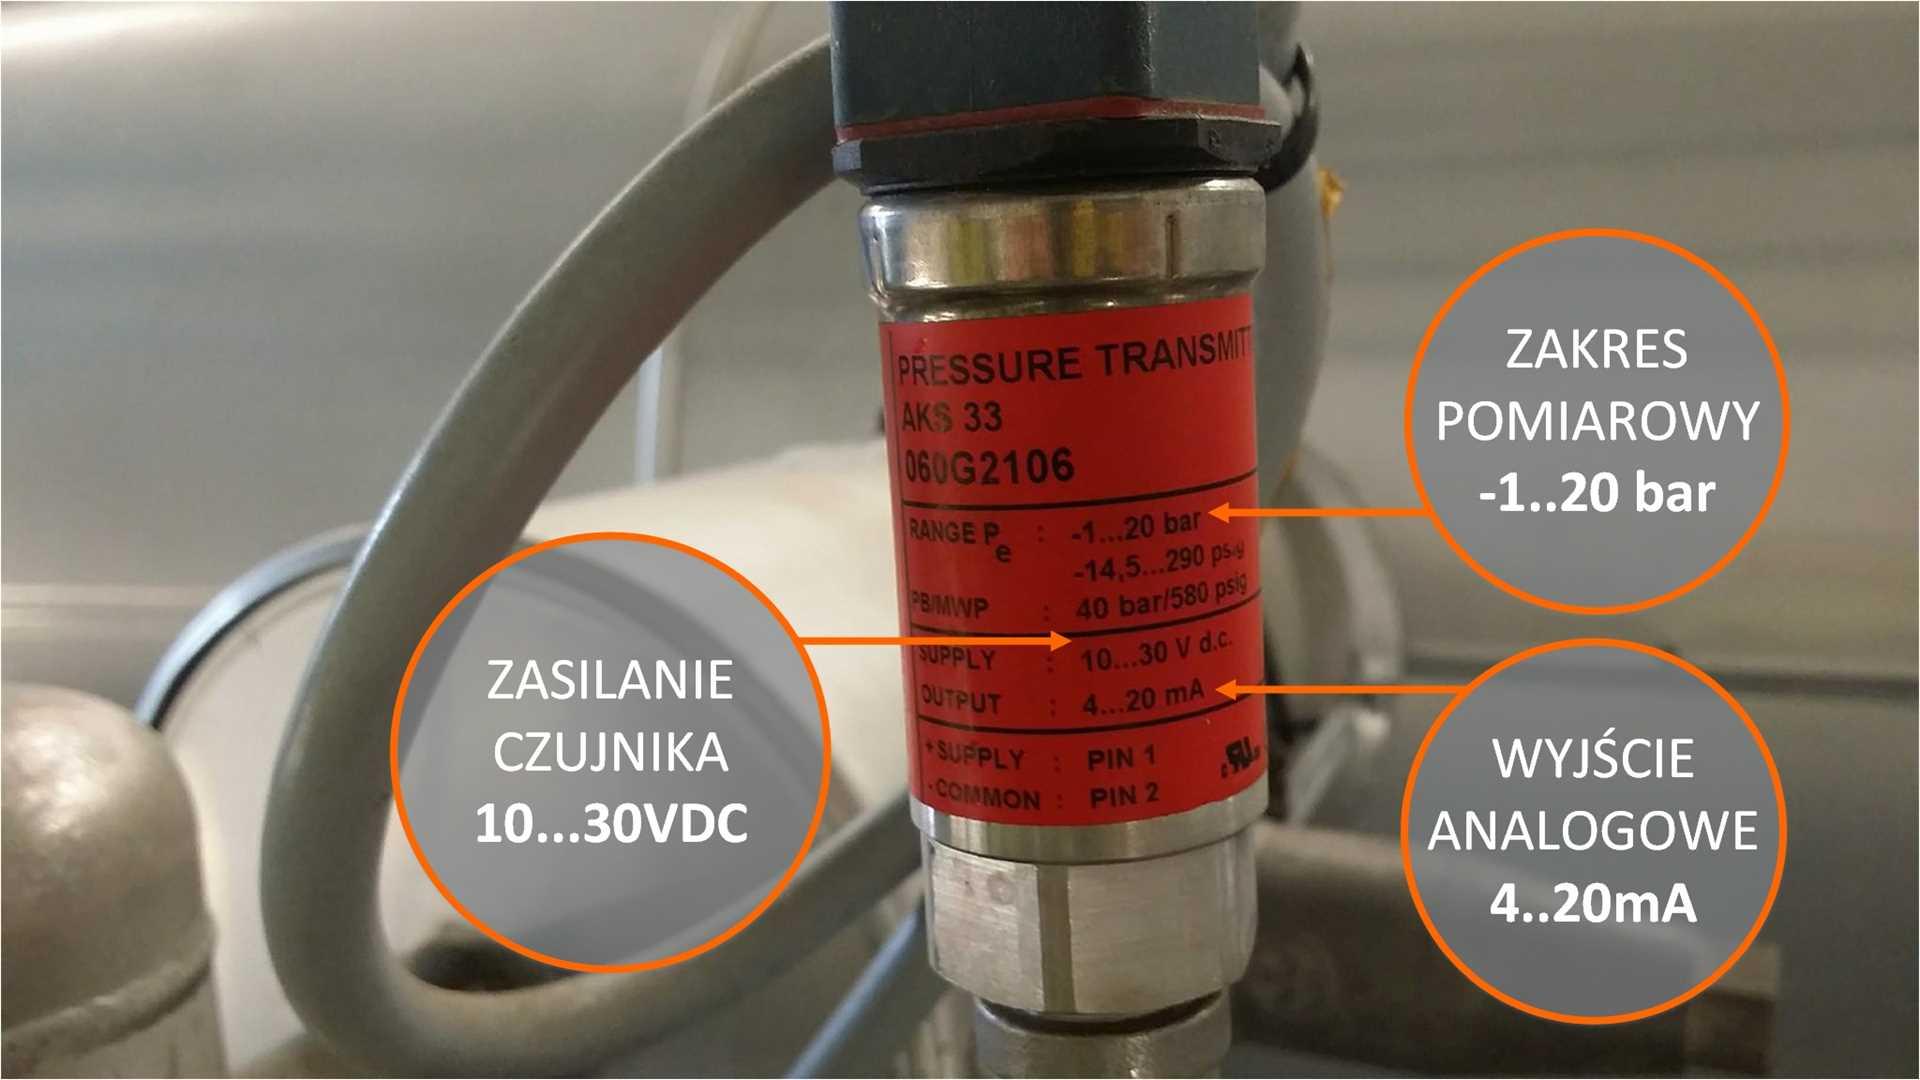 Czujnik analogowy 4-20mA pomiar analogowy plc